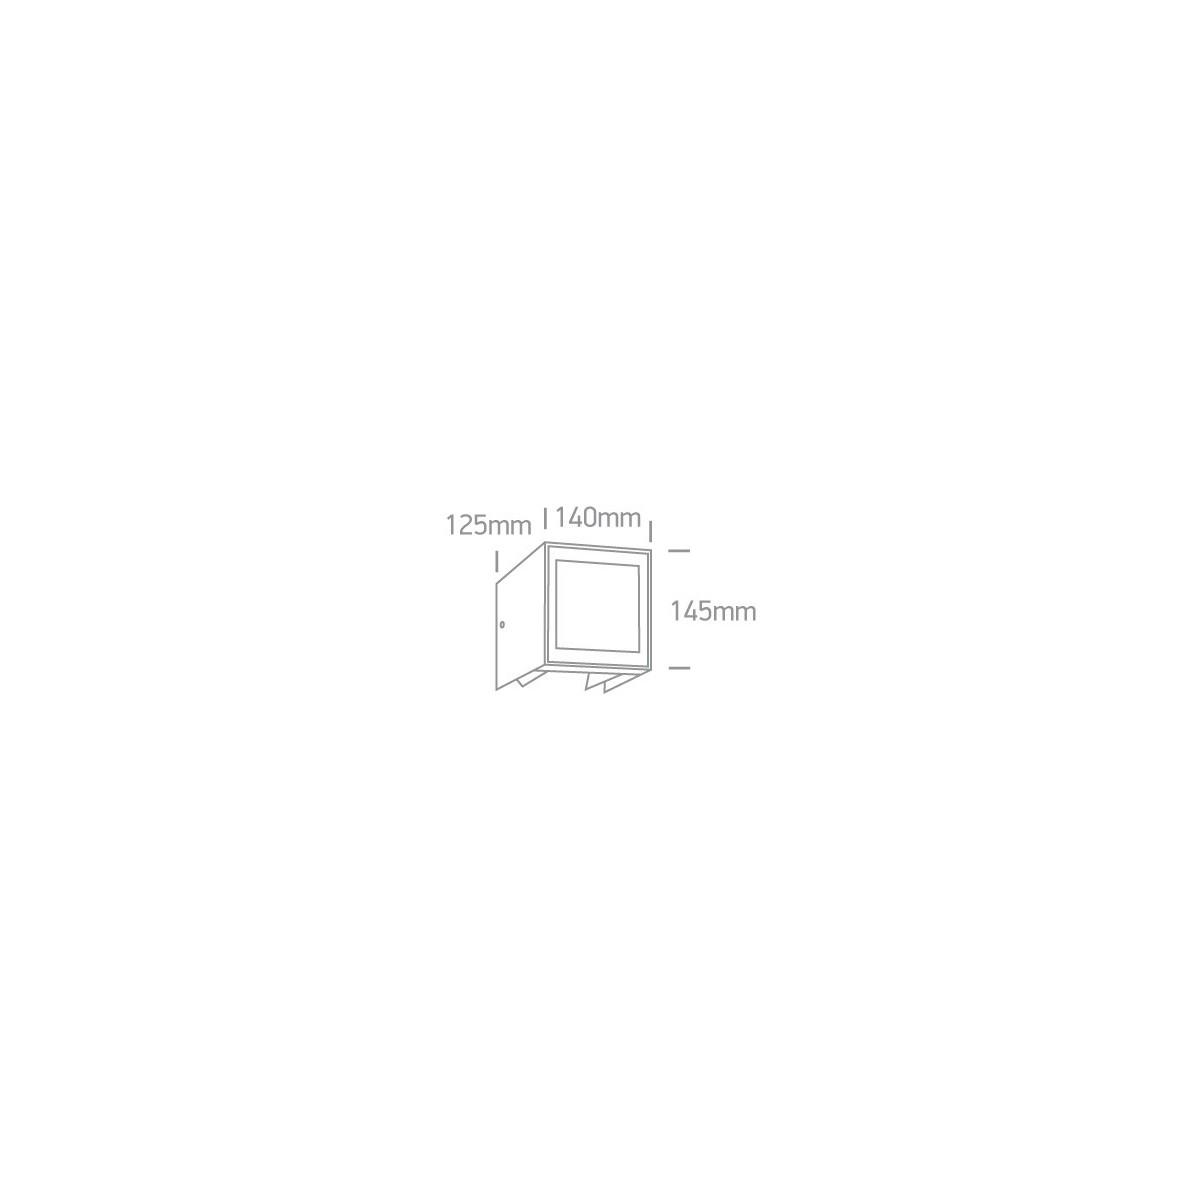 One Light kinkiet zewnętrzny z regulowaną wiązką dom elewacja Zavlani 2 IP54